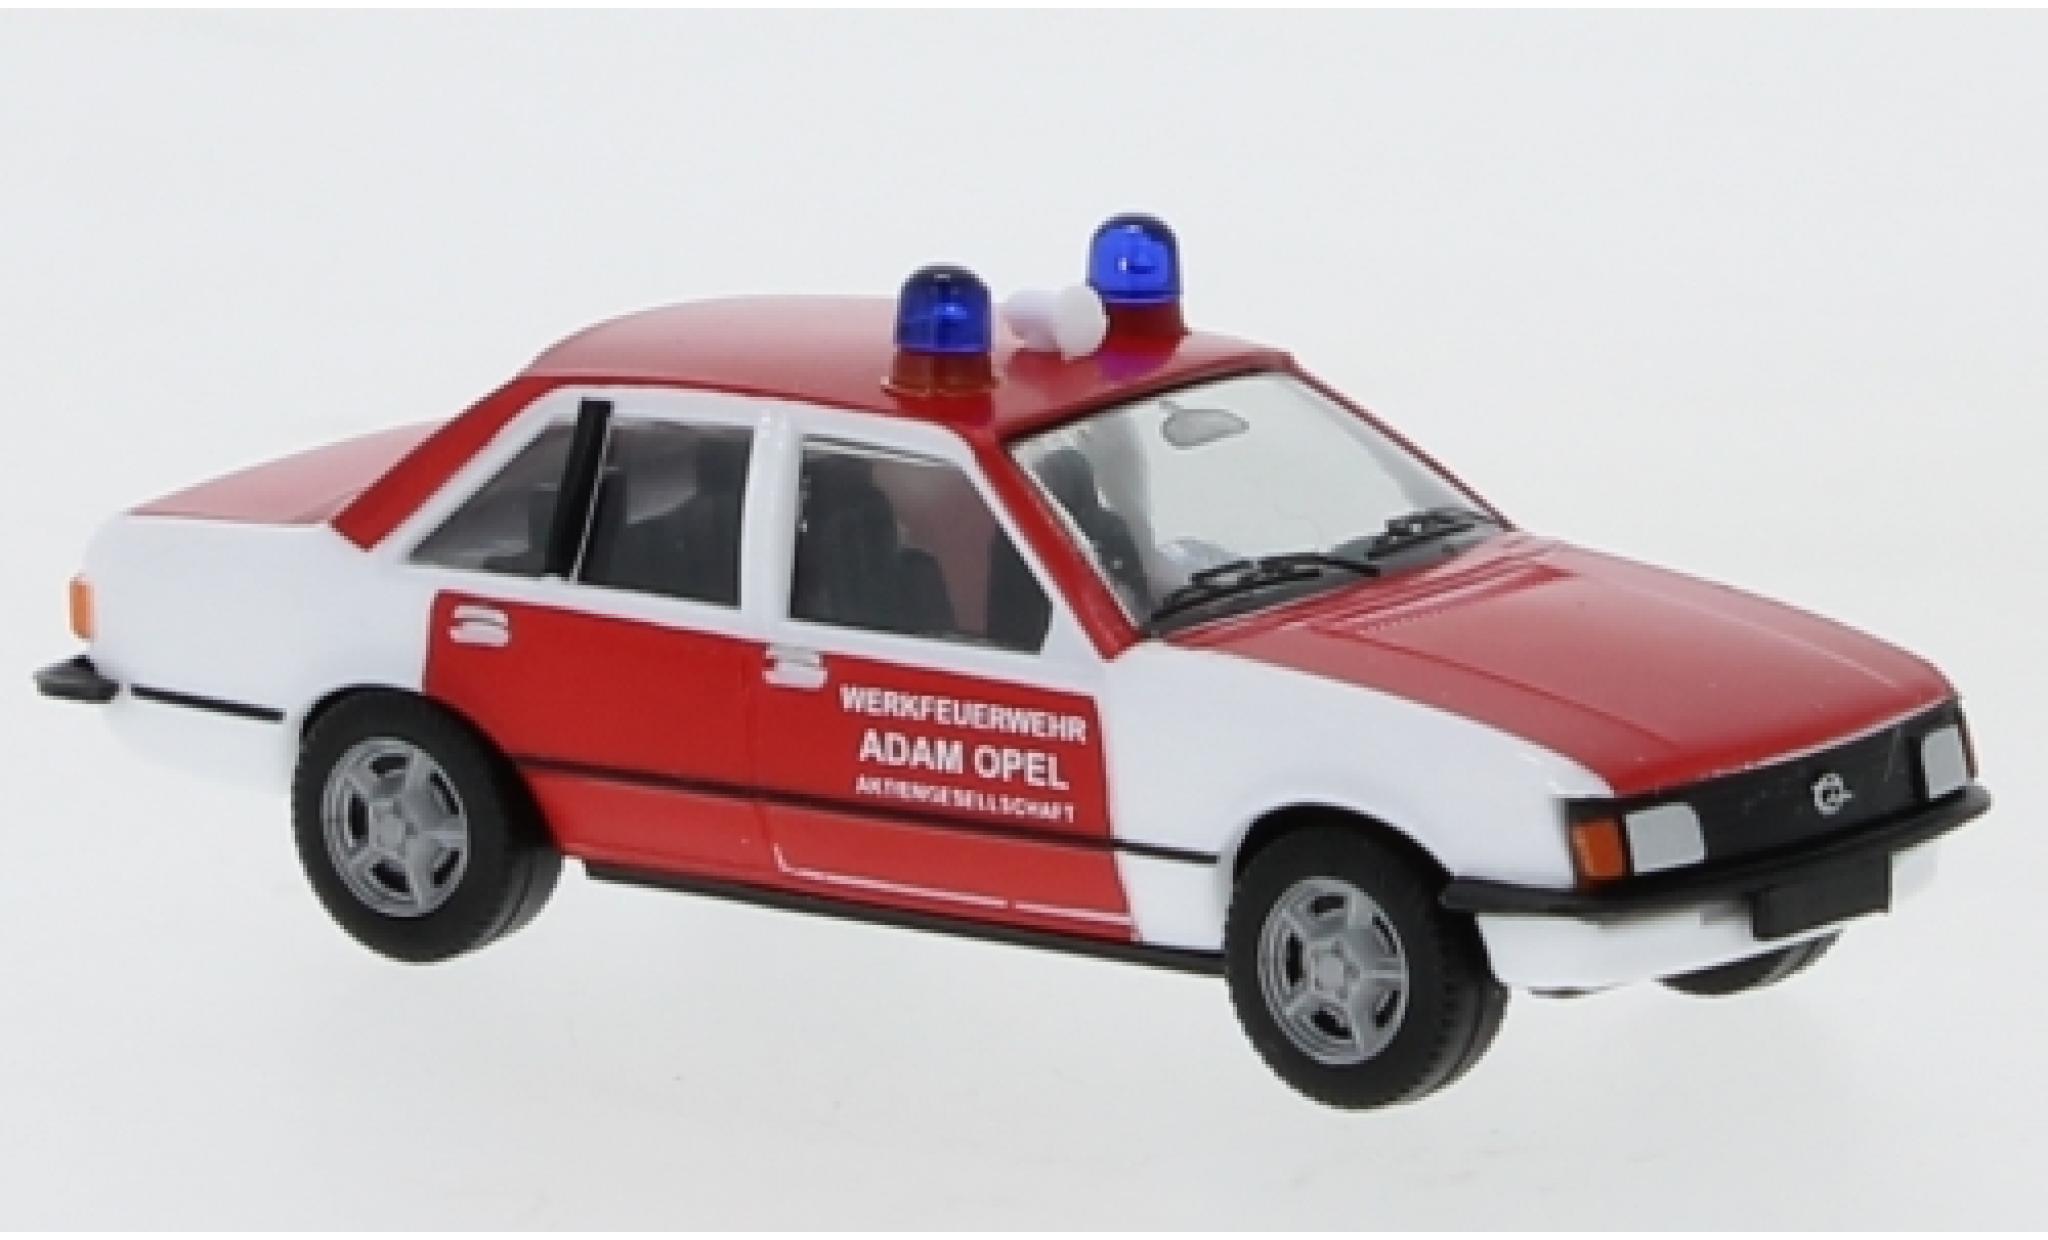 Opel Rekord 1/87 Herpa E Werkfeuerwehr Adam AG